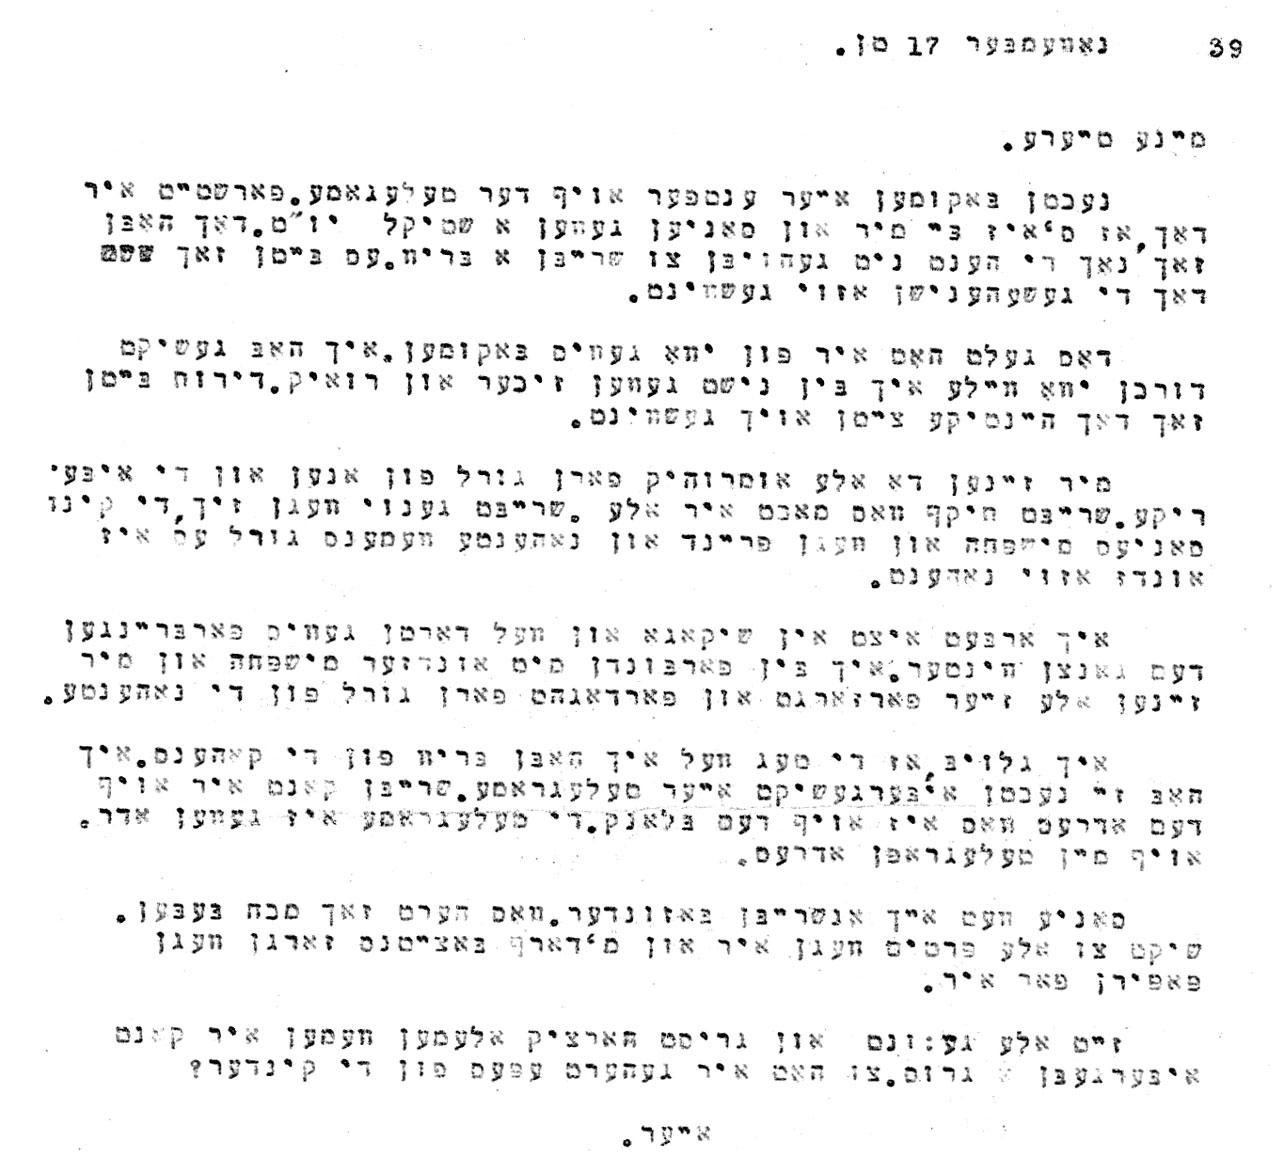 Letter from Lasar Epstein to family in Vilna, November 17, 1939